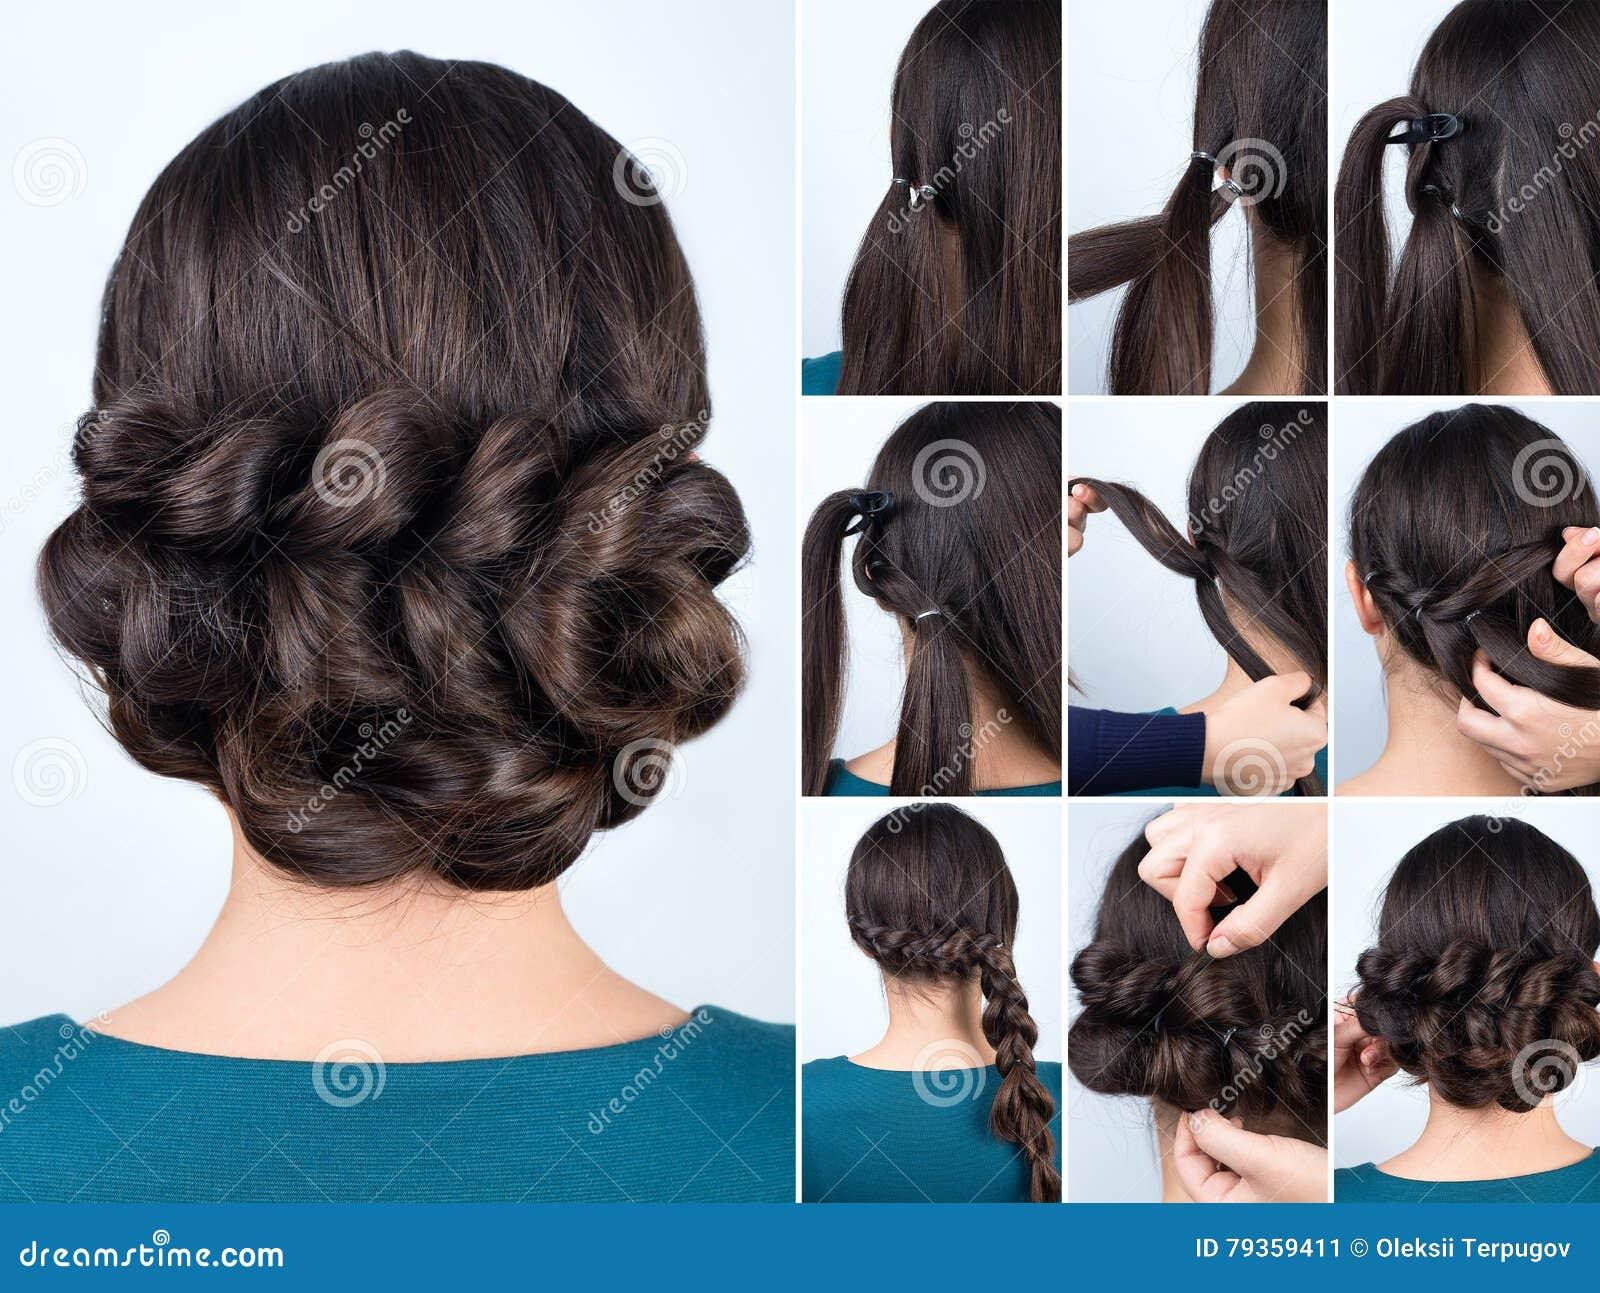 Fryzura Warkocz Dla Długie Włosy Tutorial Obraz Stock